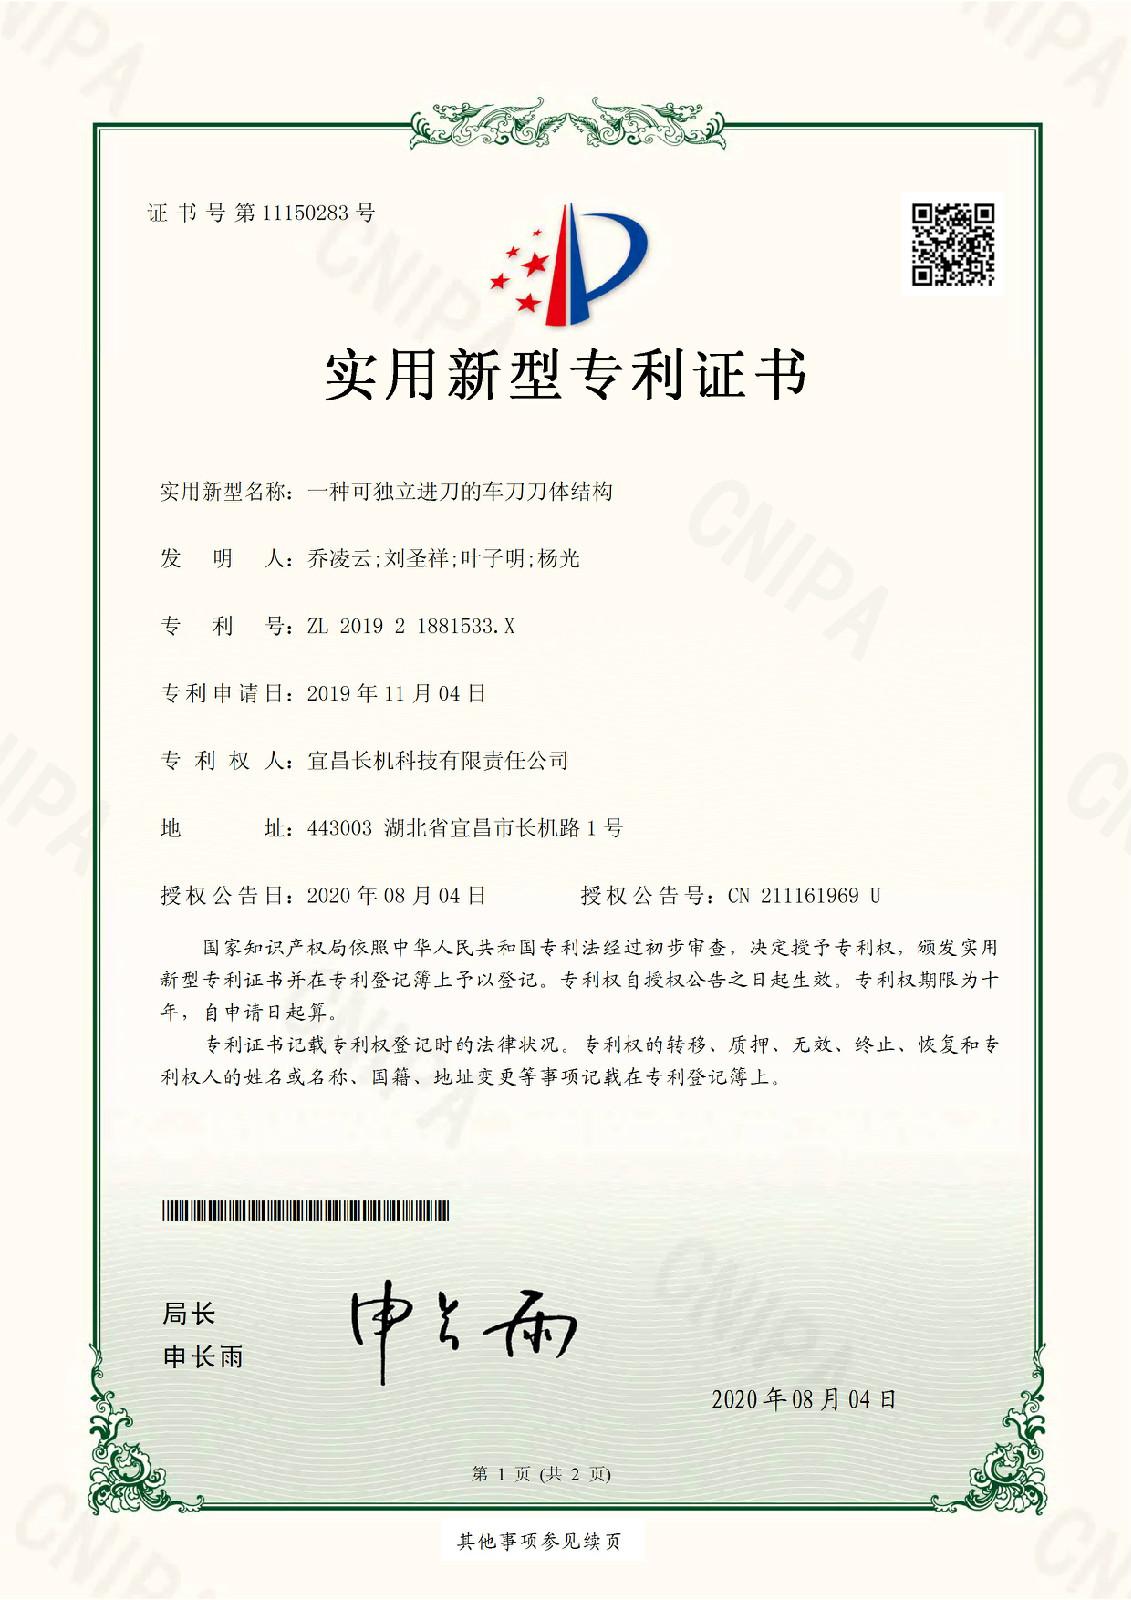 公司荣获一项实用新型专利